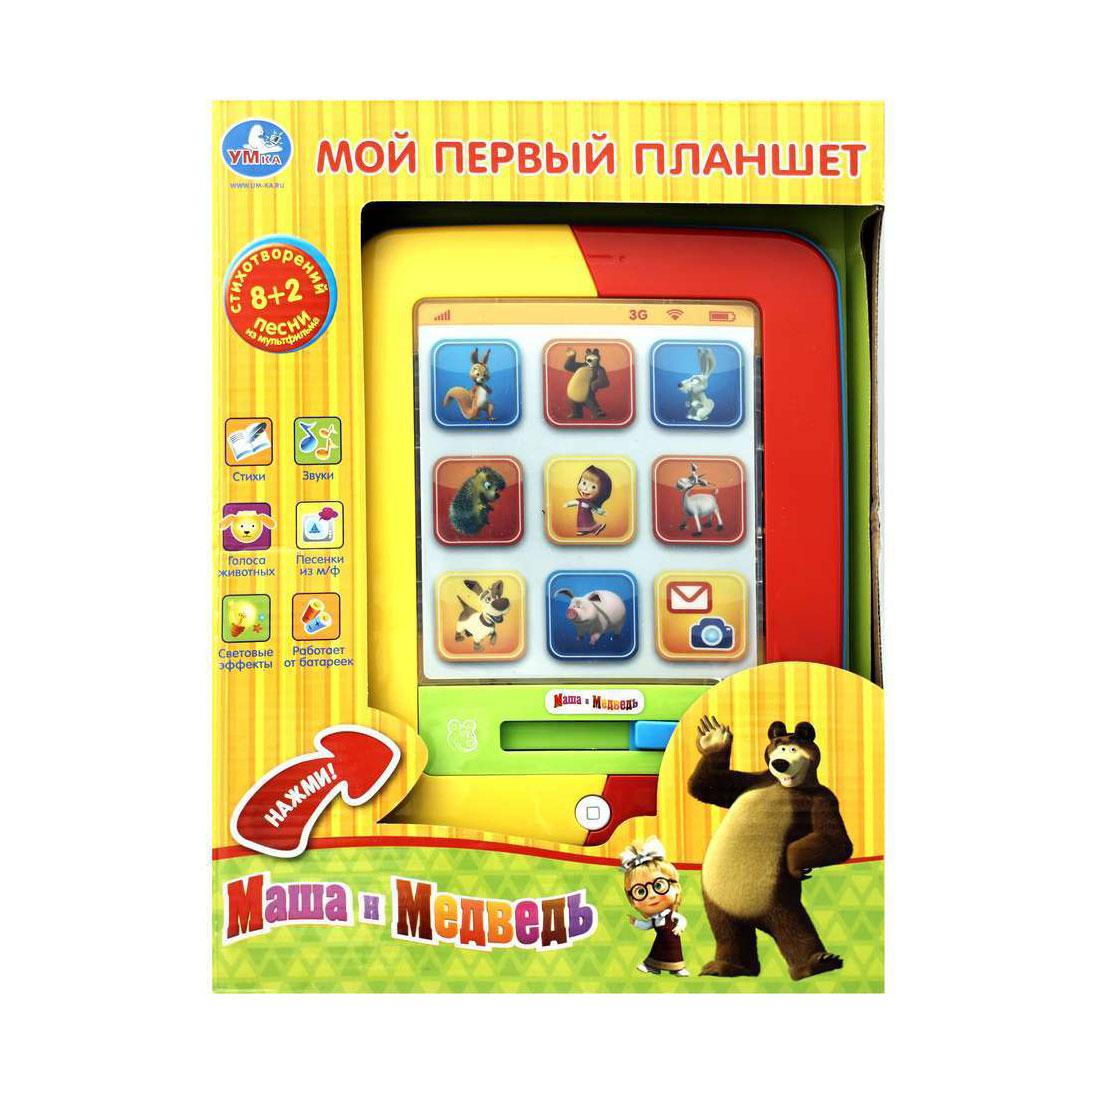 Обучающий планшет Умка Маша и медведь мой первый планшет